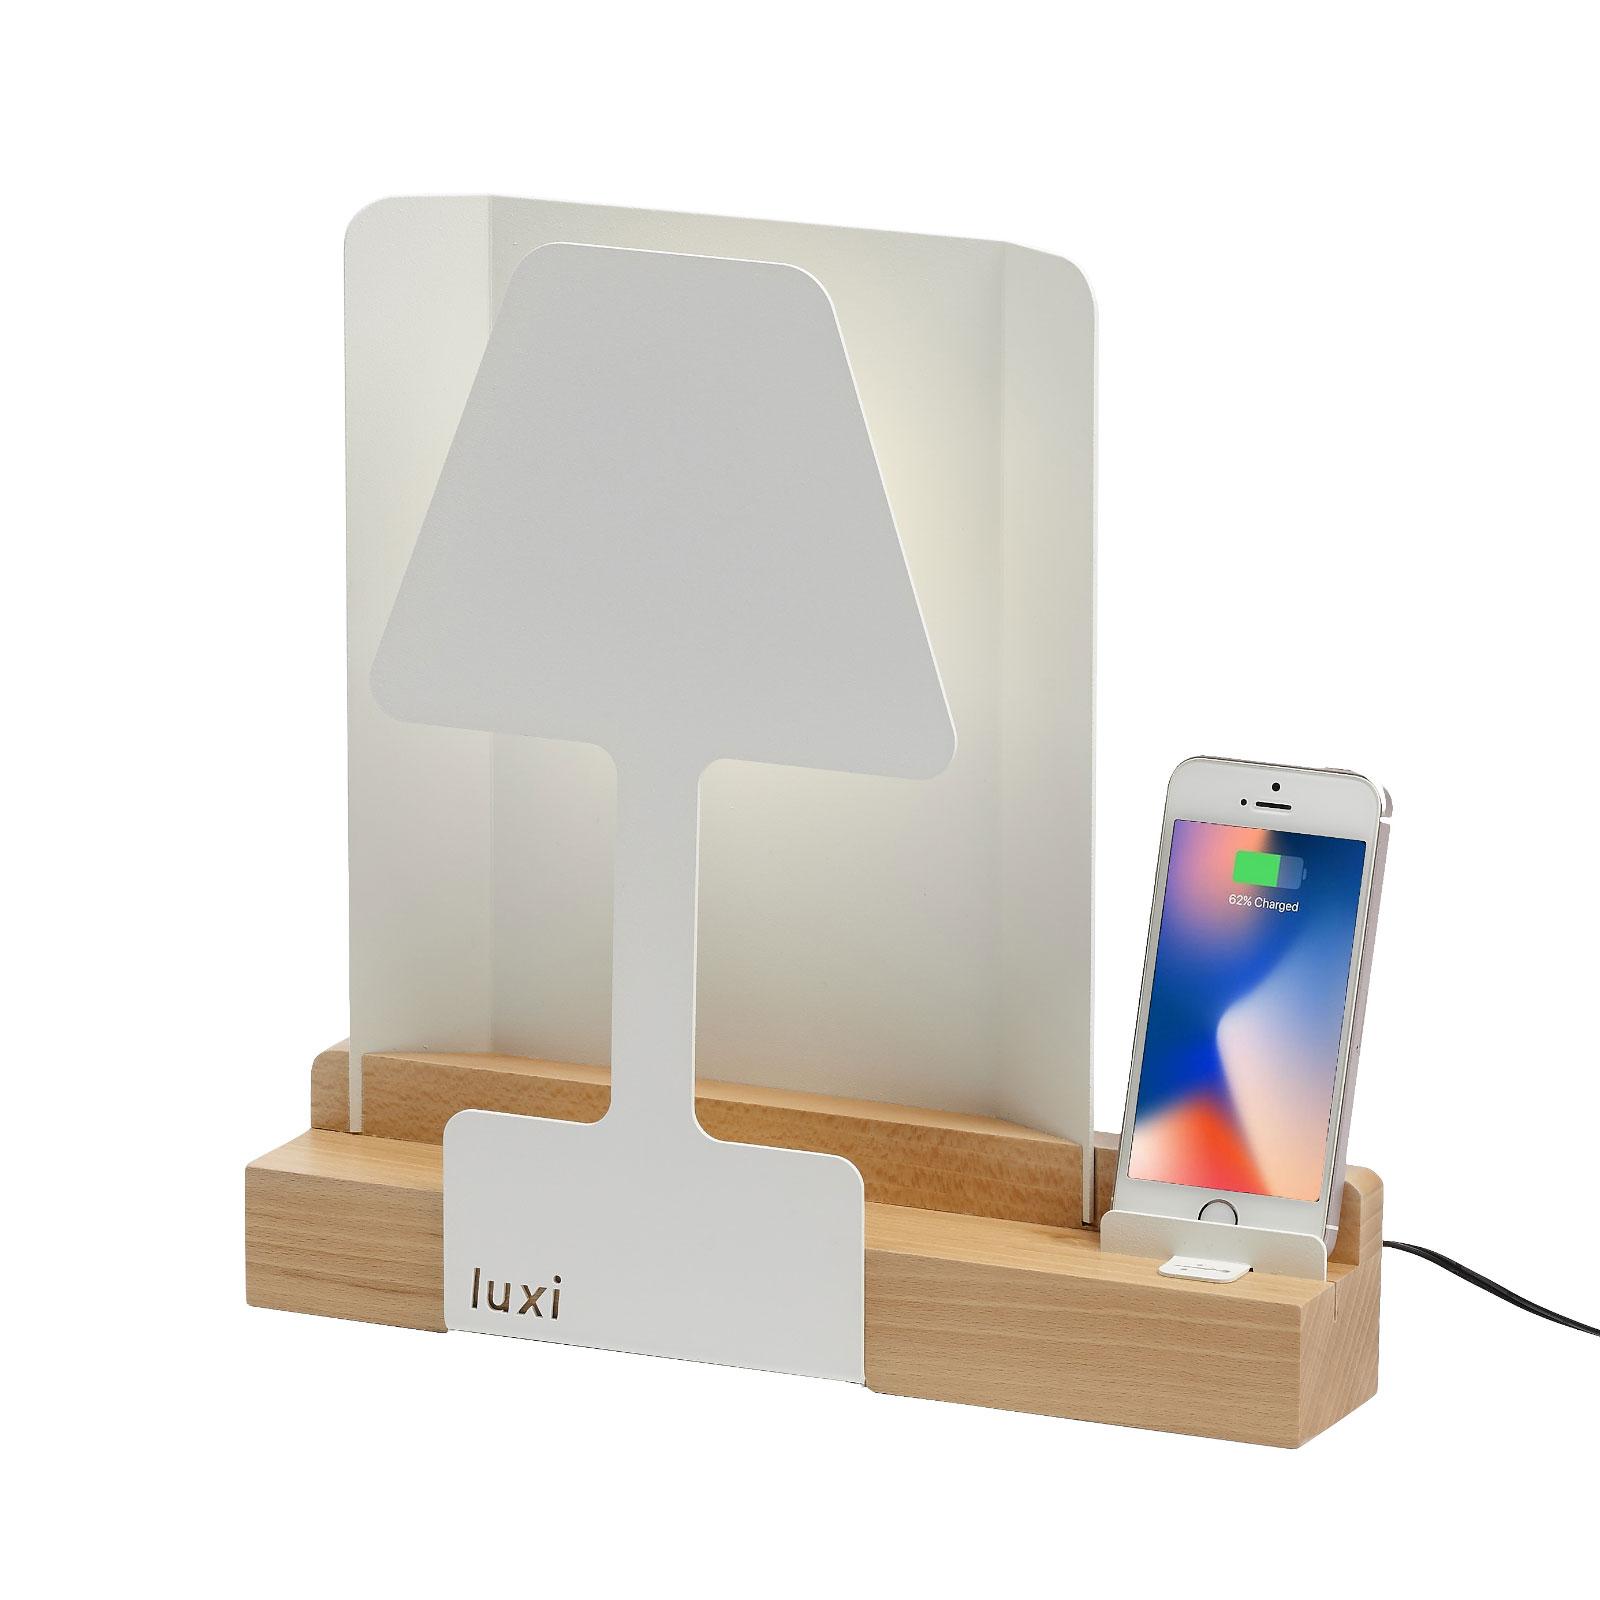 Lampe à poser LED Luxi avec chargeur intégré